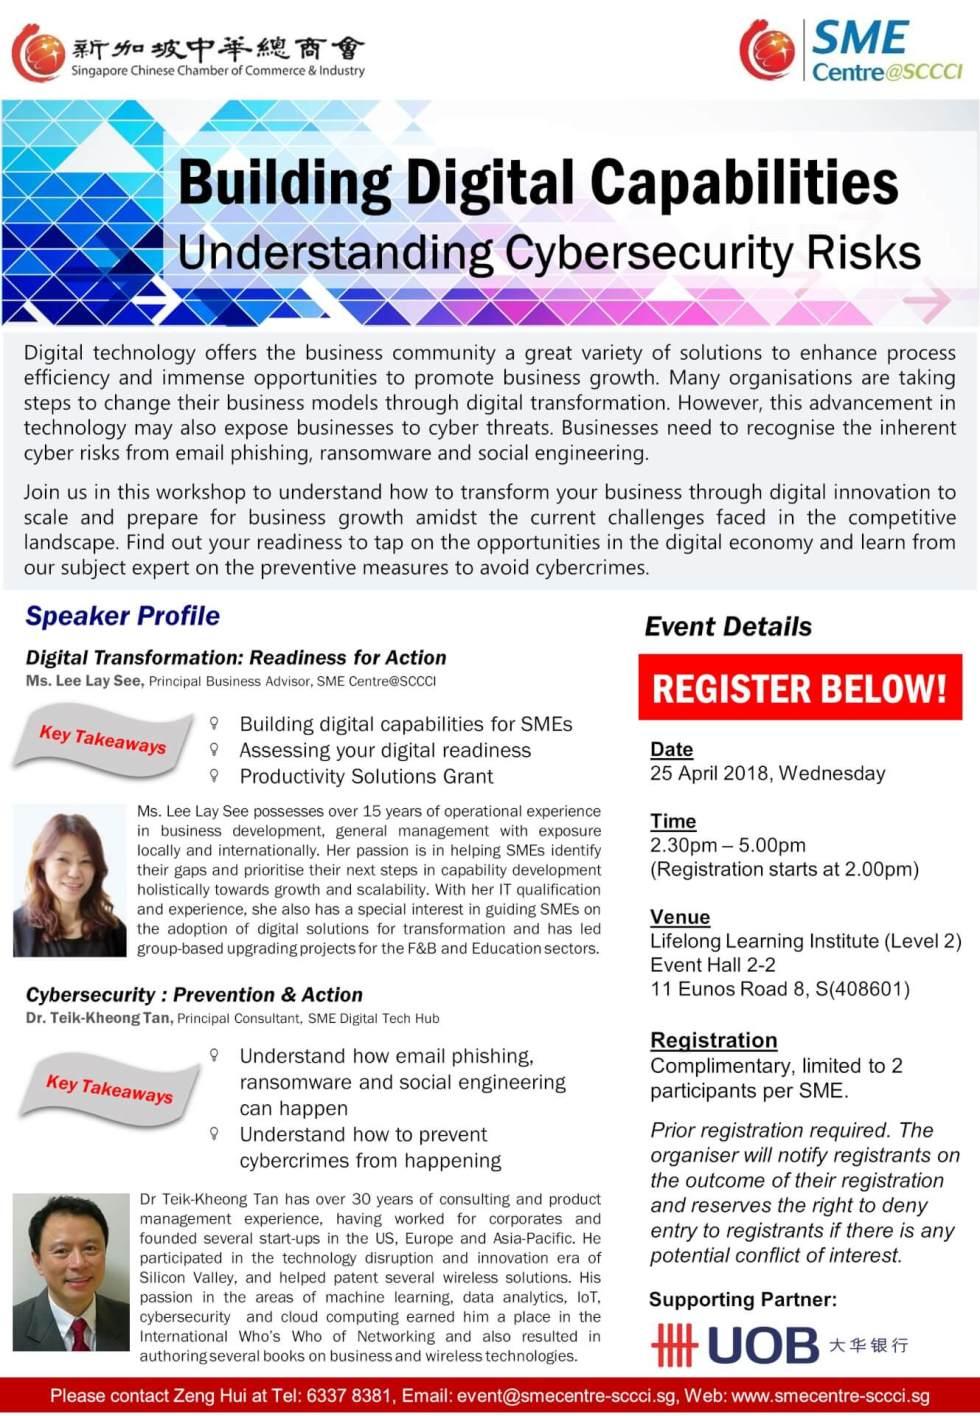 Digital Cybersecurity Workshop